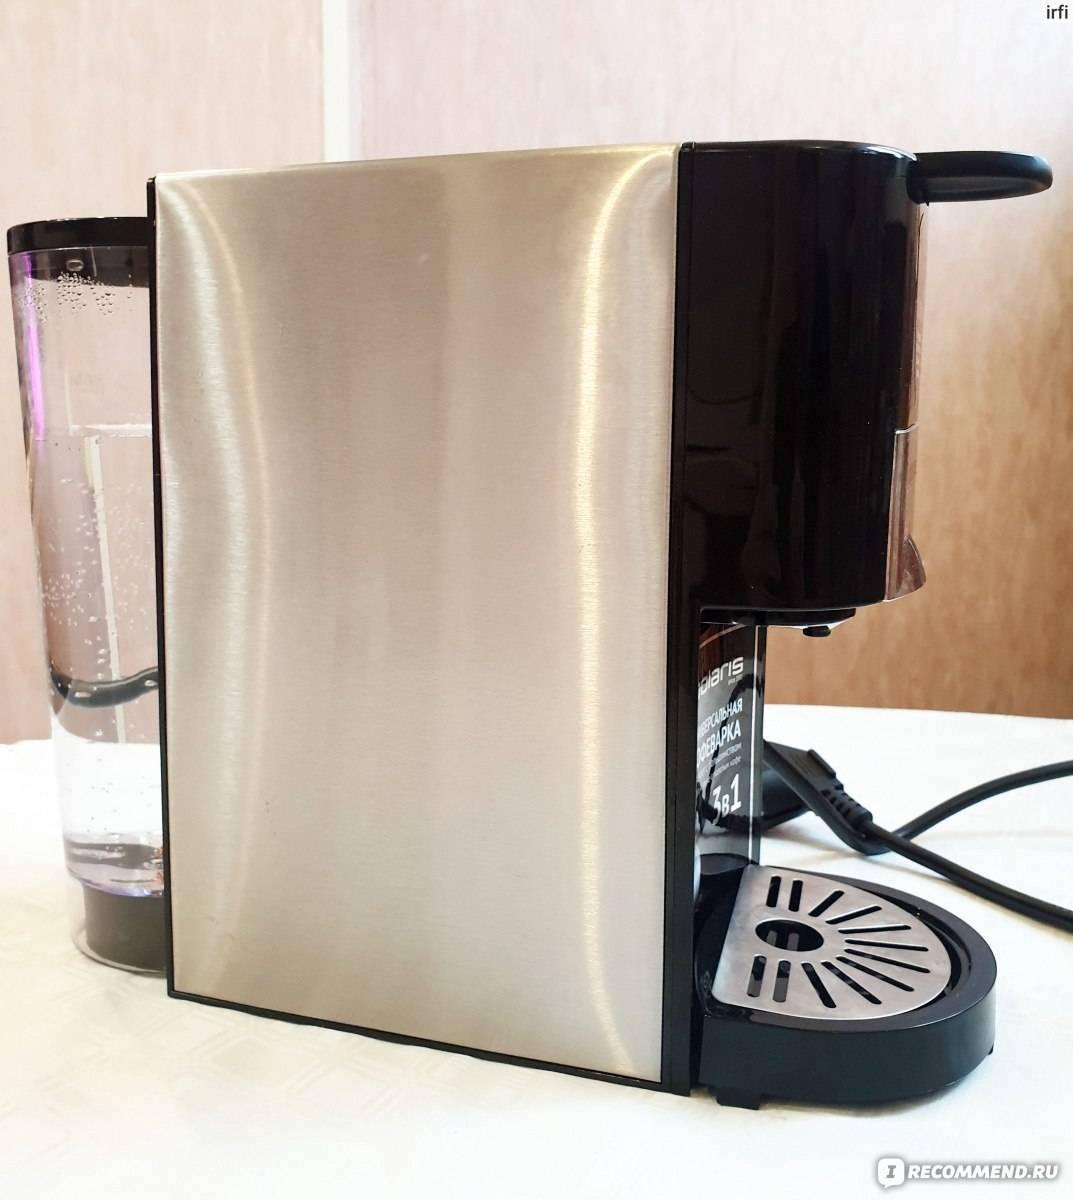 Как почистить кофемашину саеко филипс